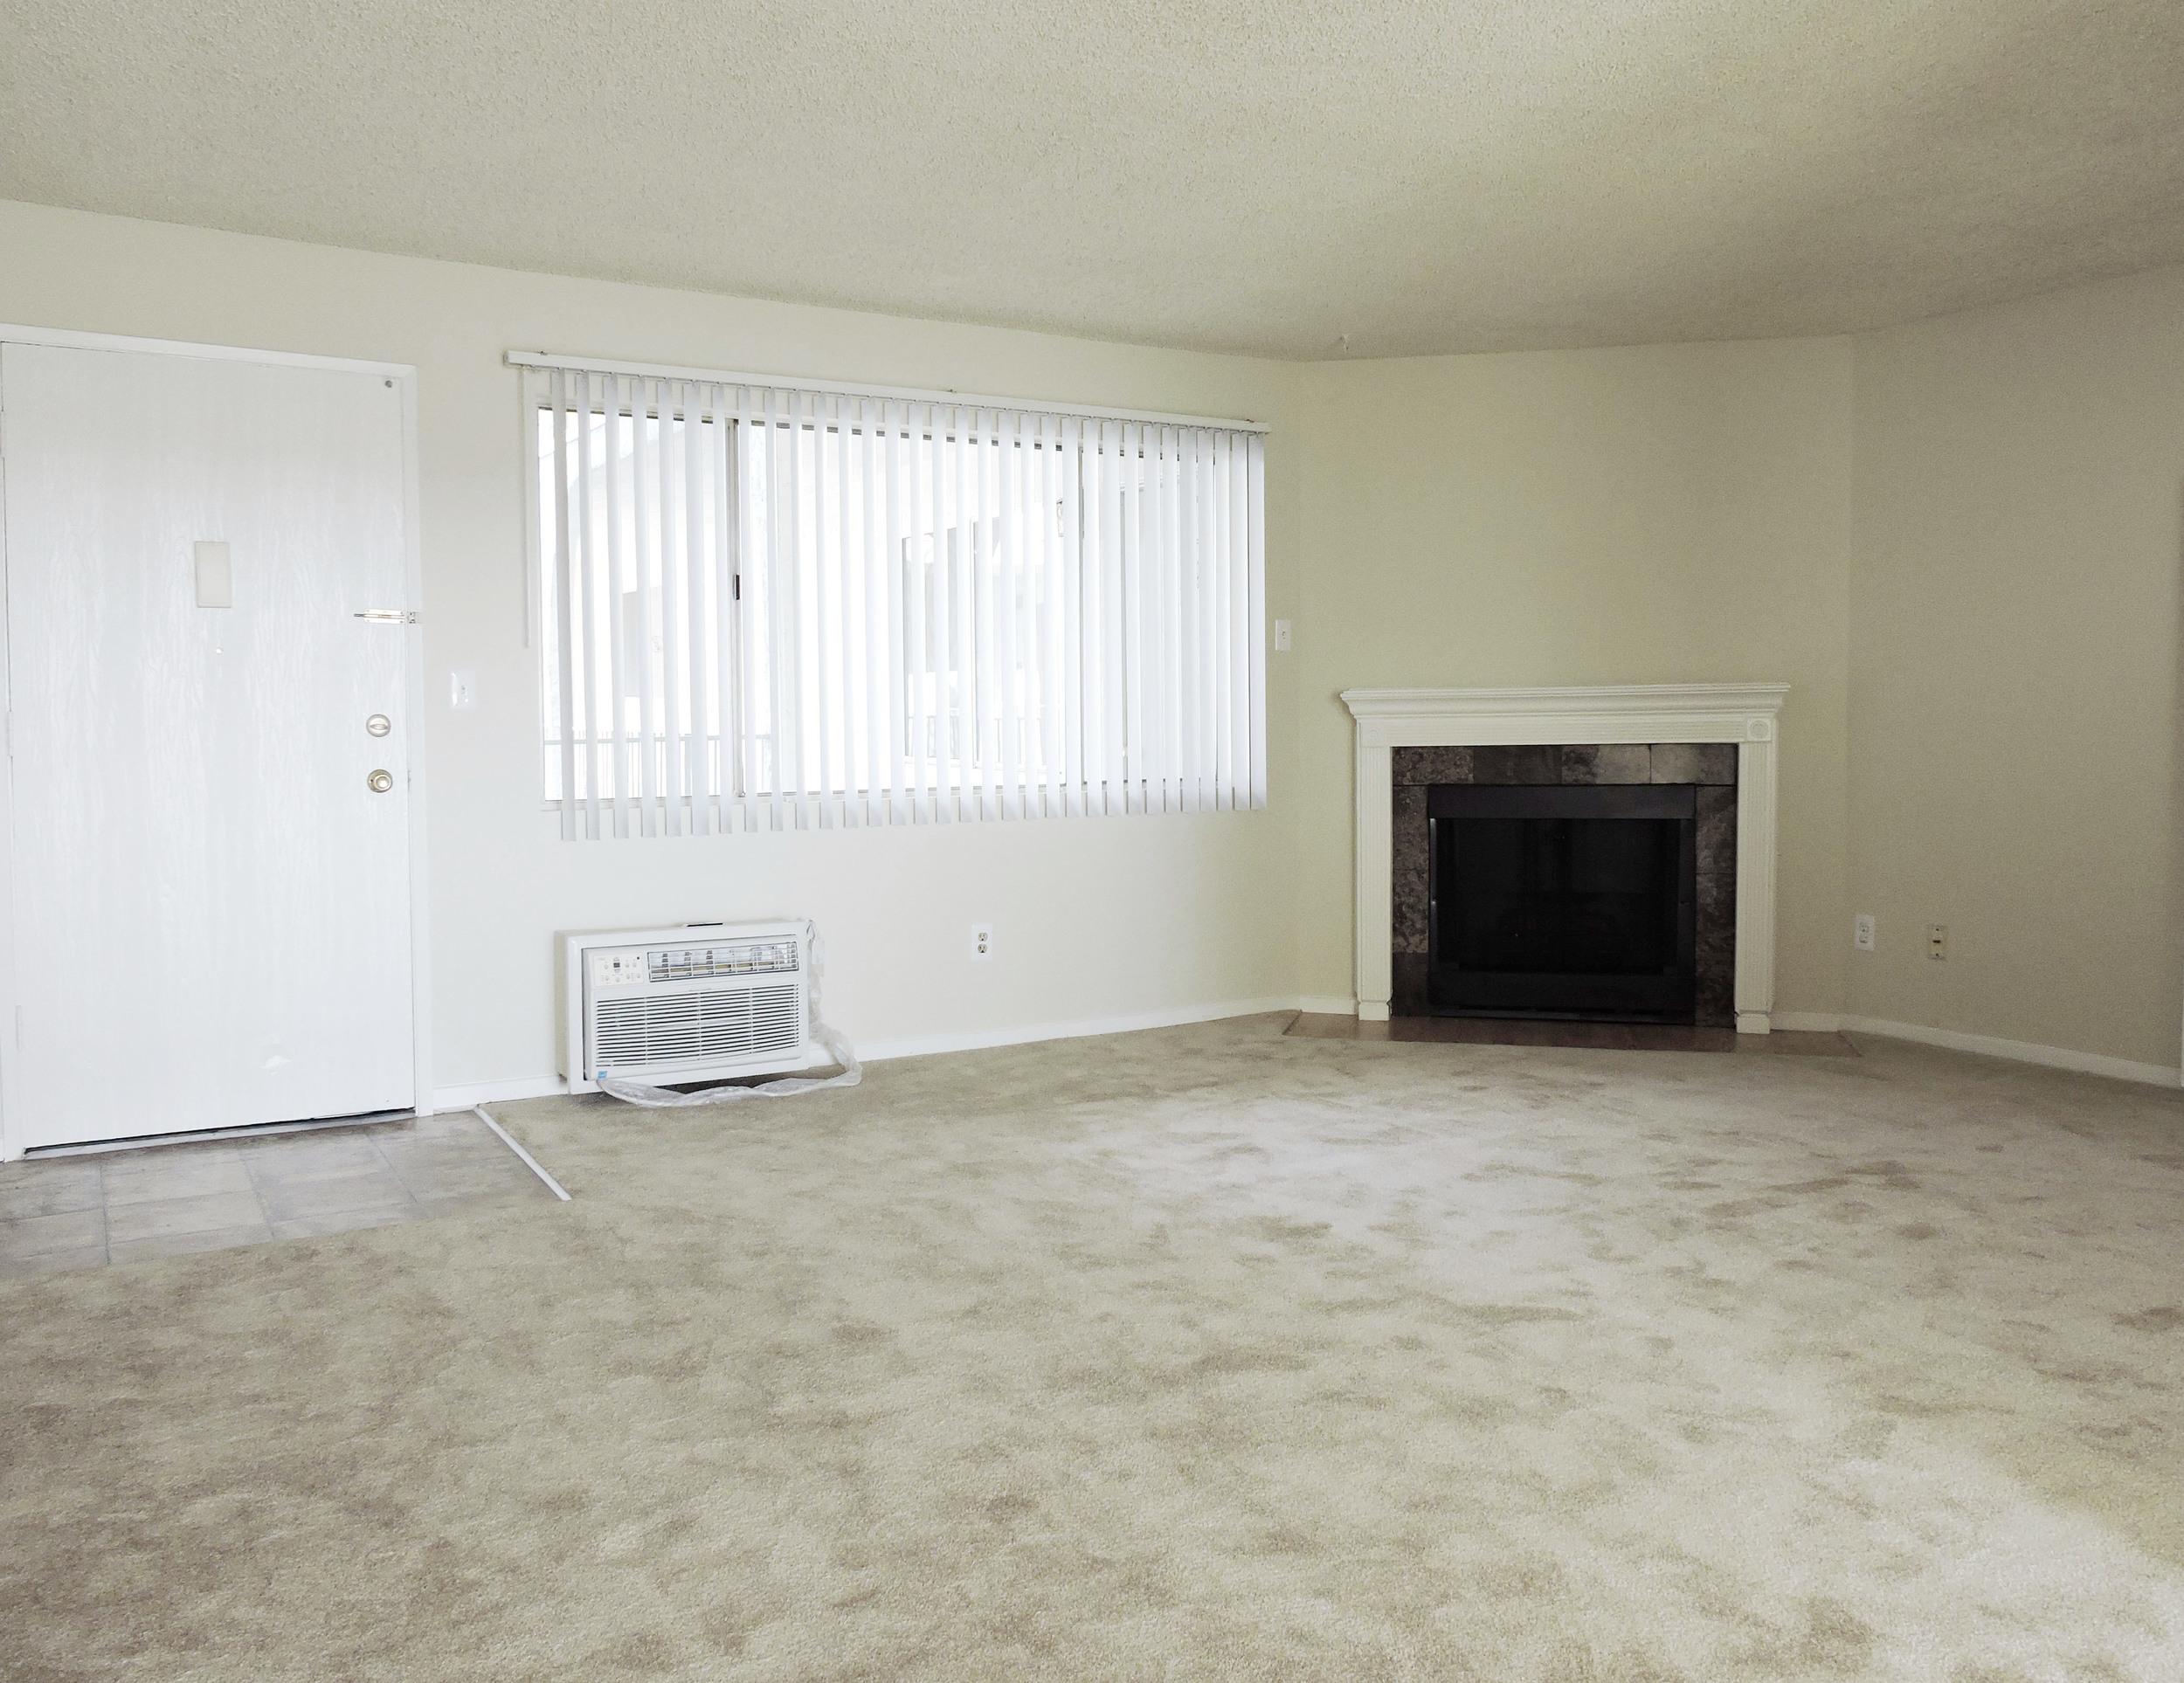 233 living room2.jpg